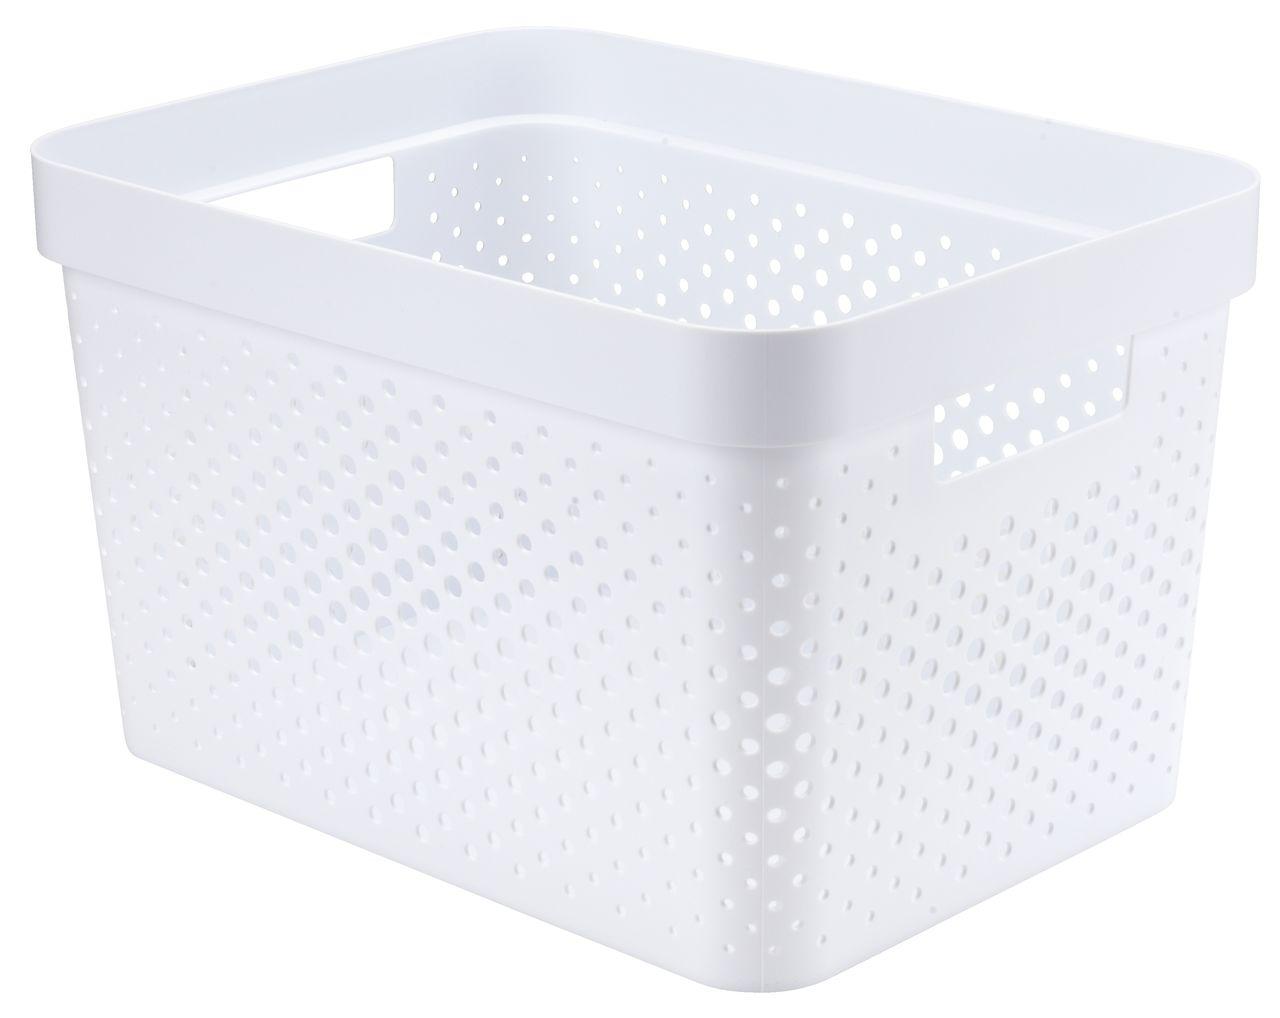 ac654422ab8 Kurve, kasser og bokse - Køb alt til opbevaring | JYSK